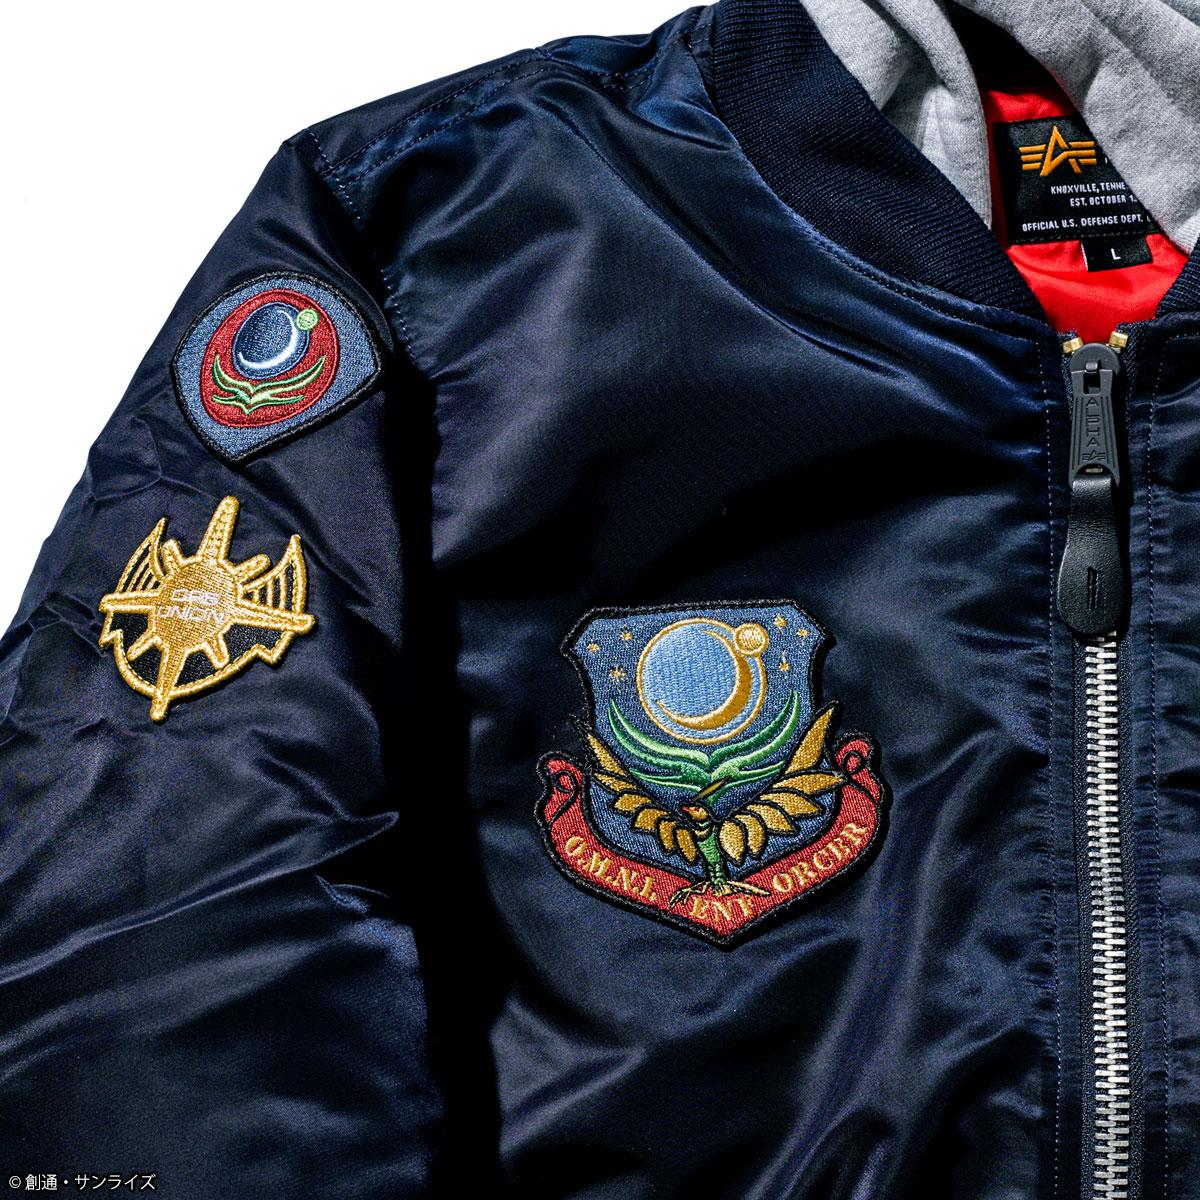 『機動戦士ガンダムSEED』×ALPHAコラボ「MA-1 NATUS」待望の商品化!キラ・ヤマト/アスラン・ザラ 2モデルをリリース